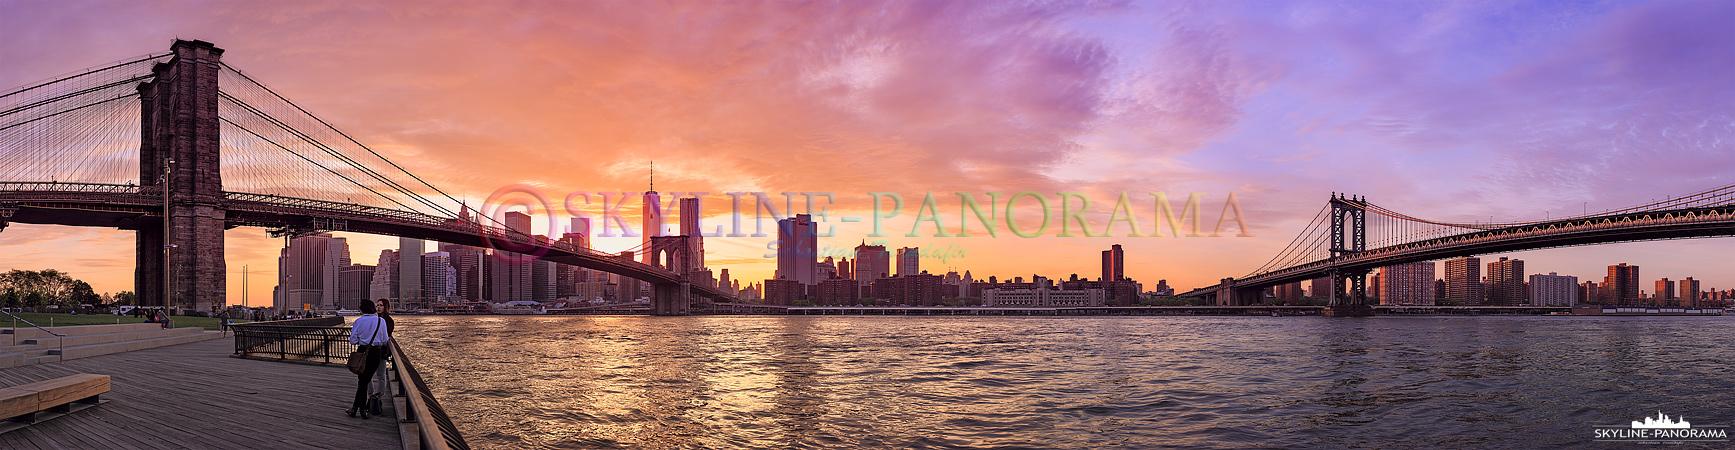 Skyline zum Sonnenuntergang - Einer der schönsten Orte, den Sonnenuntergang in New York zu erleben, ist der Empire Fulton Ferry State Park - die Sonne geht von diesem Spot betrachtet genau hinter der Skyline von Downtown Manhattan unter.